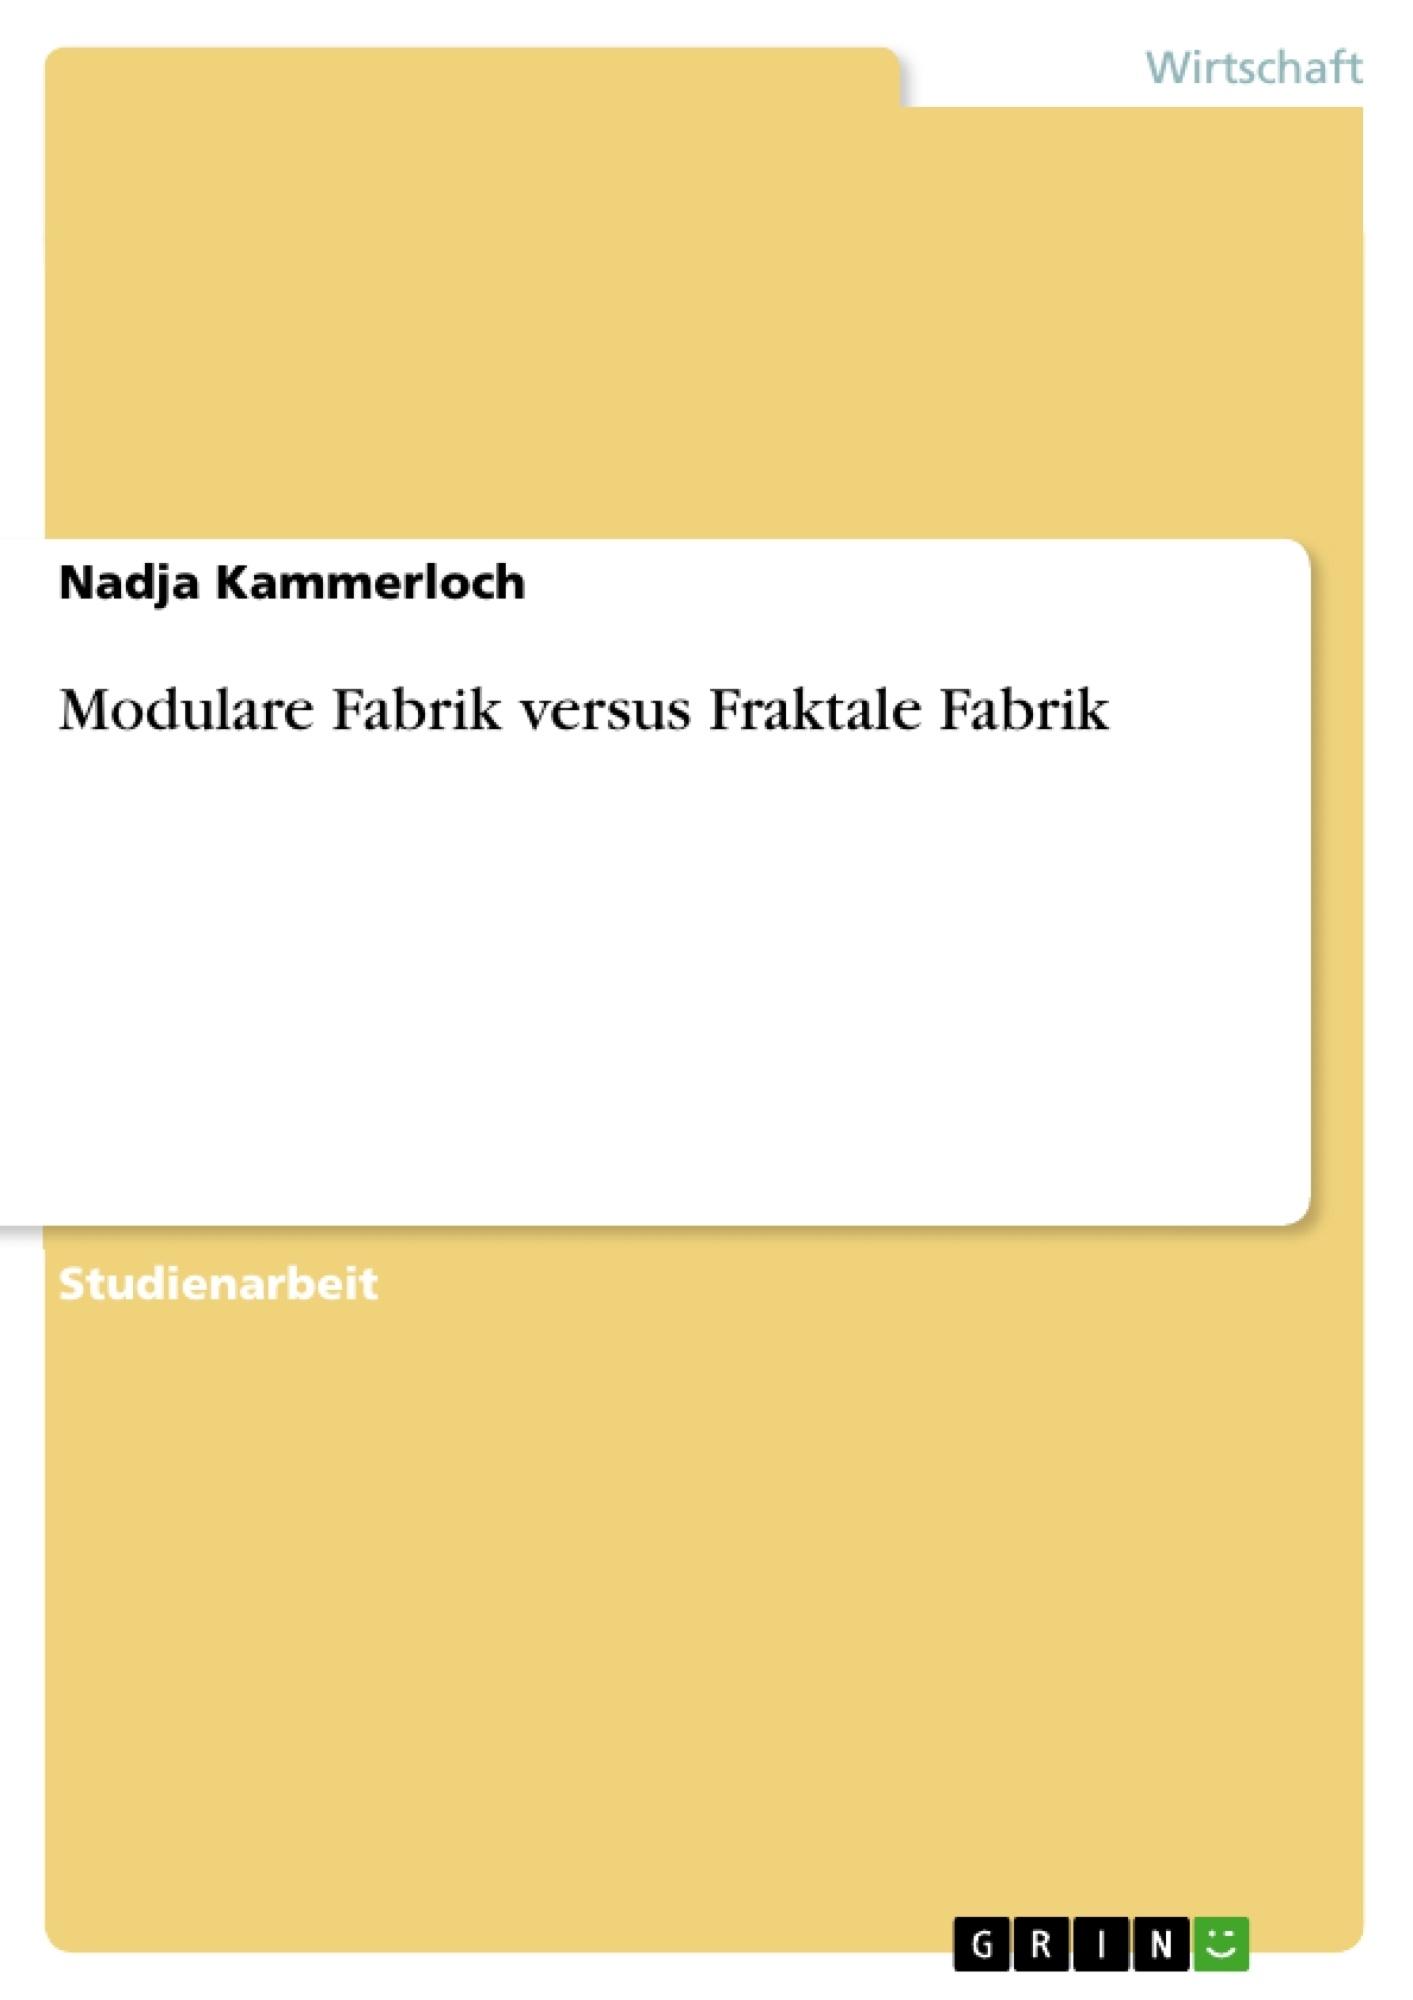 Titel: Modulare Fabrik versus Fraktale Fabrik